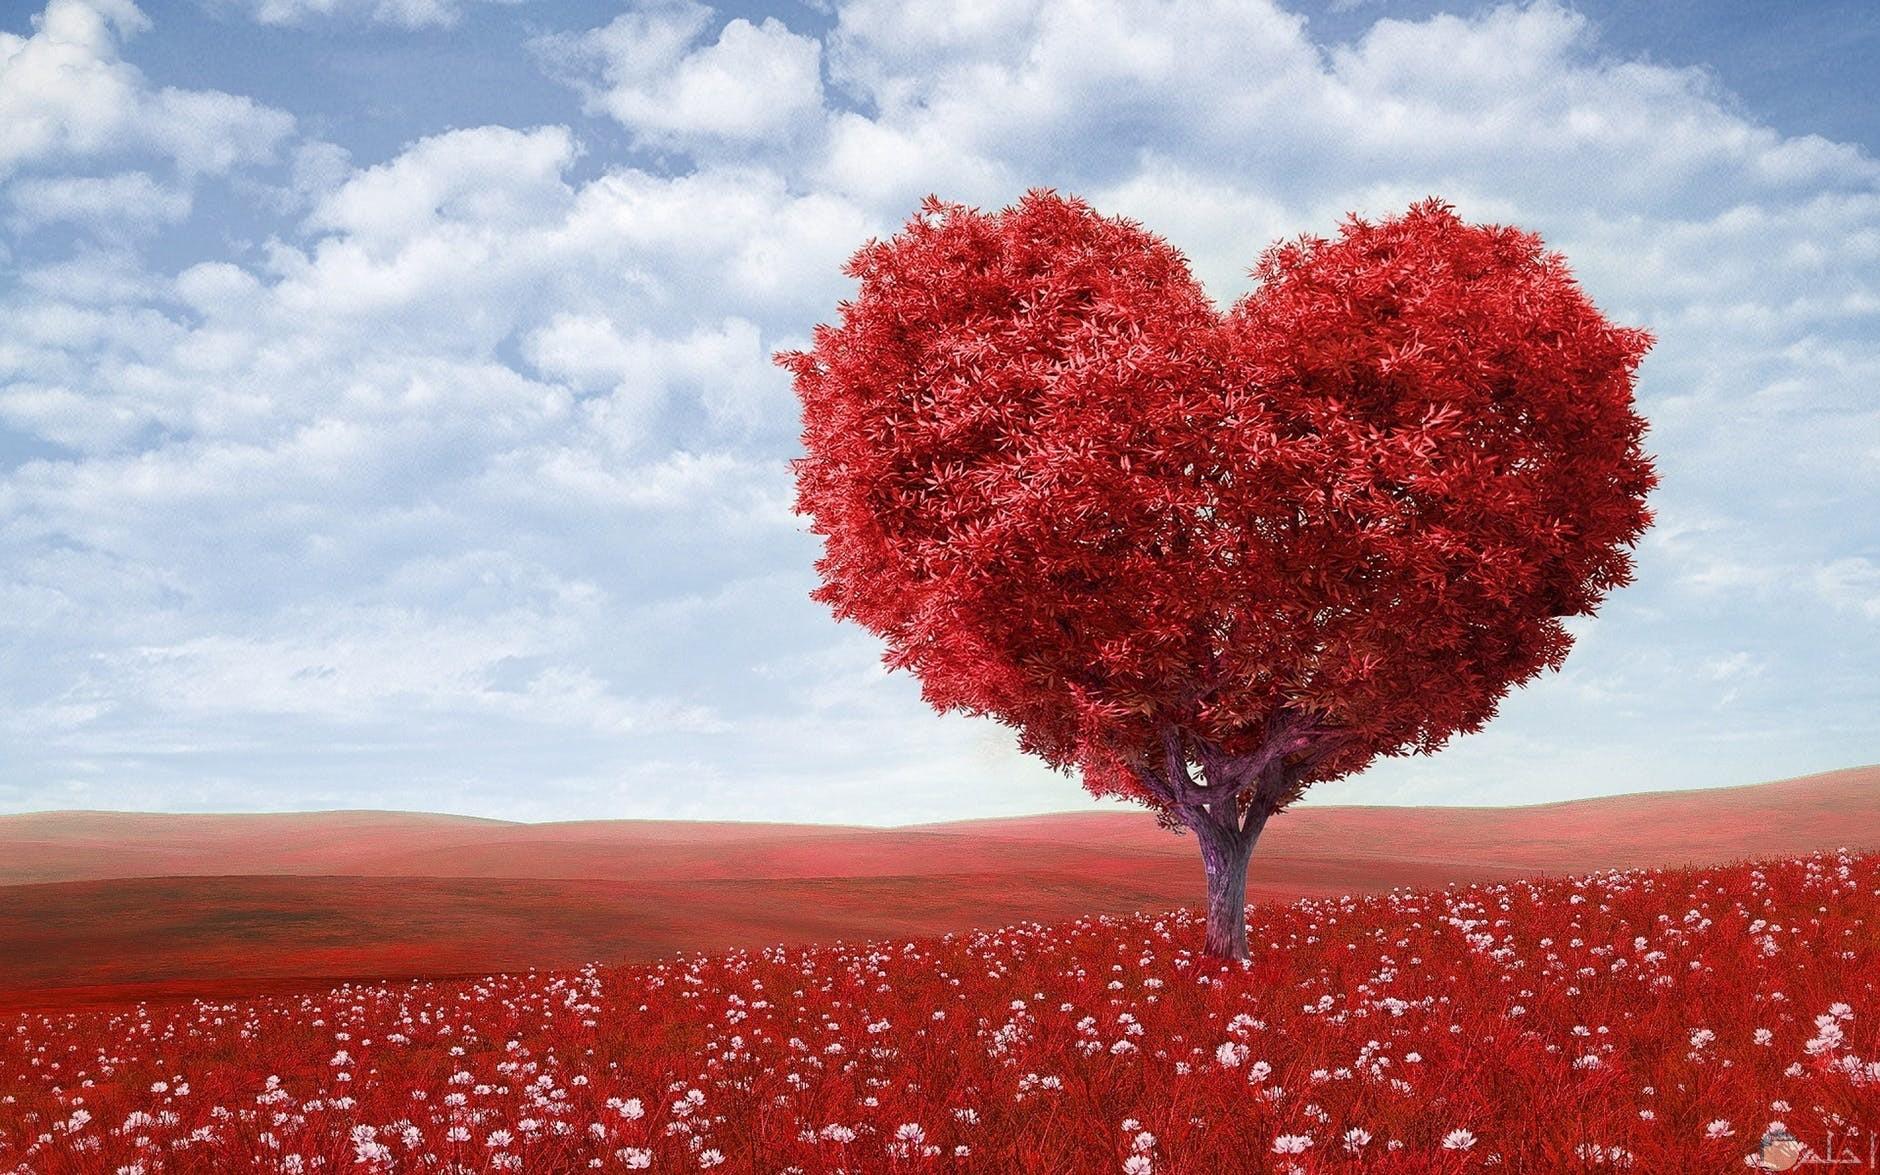 صور قلب بالورد تعبر عن الحب